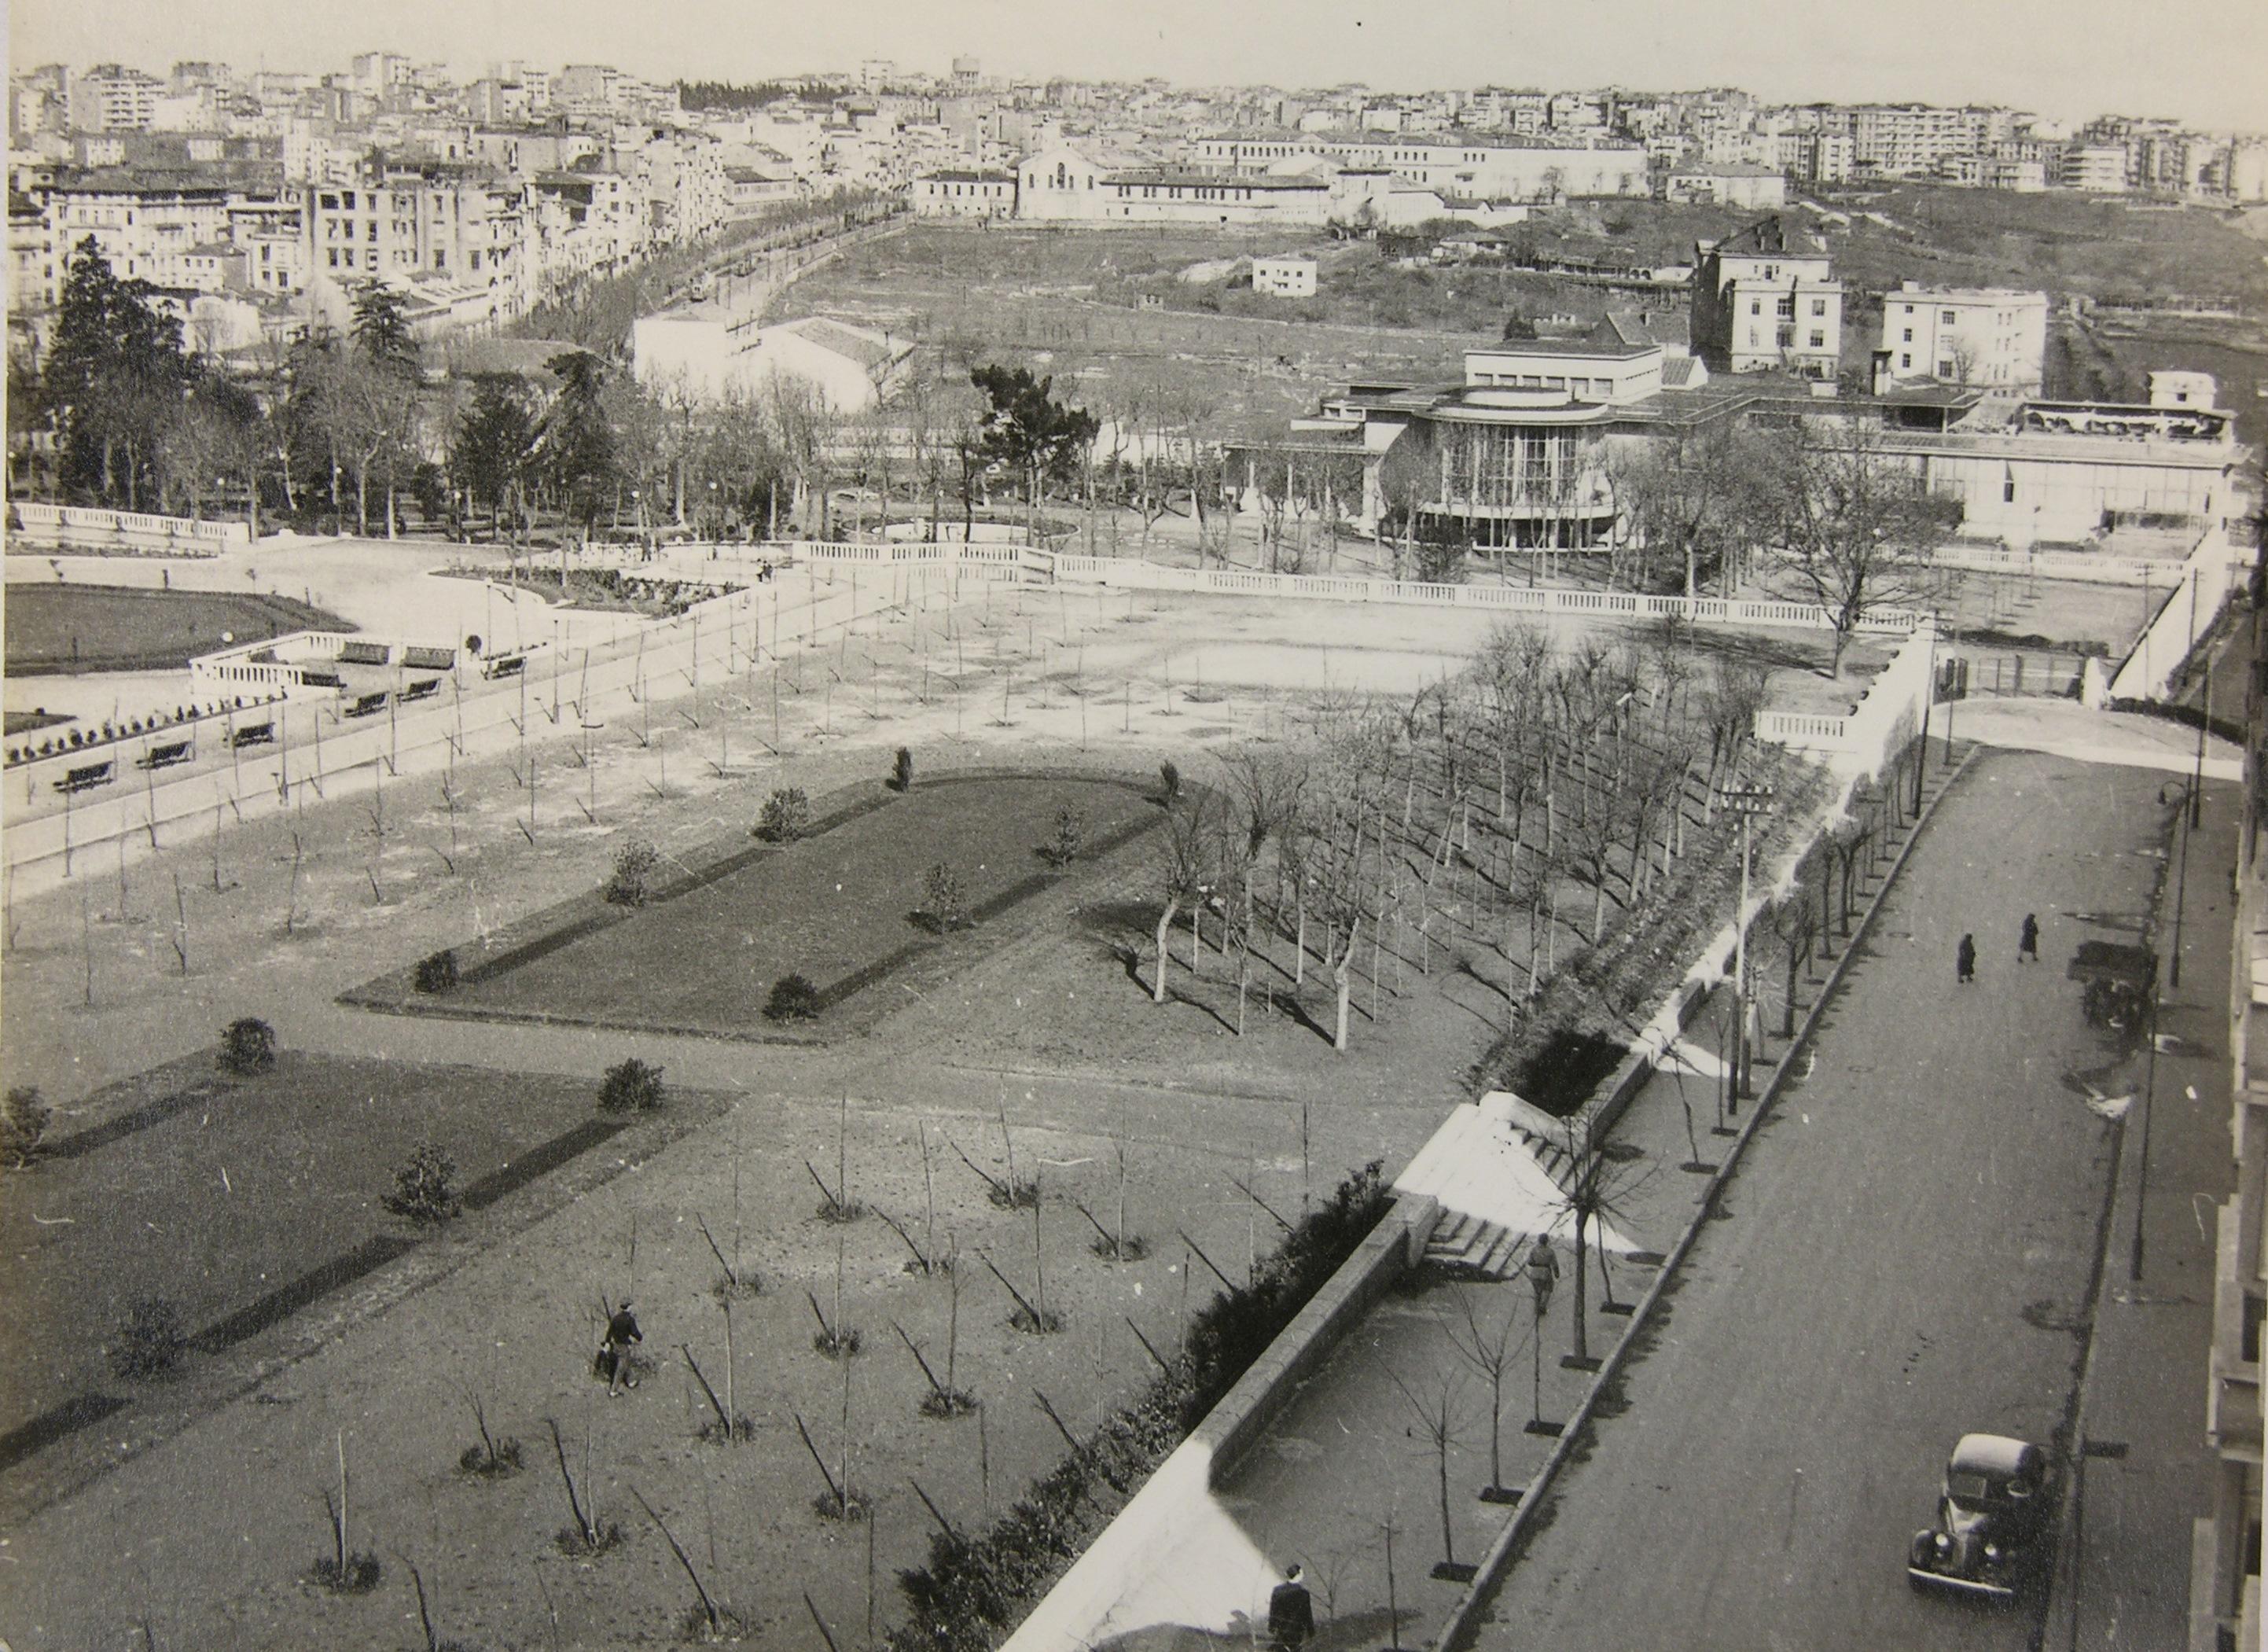 Danıştay Bilirkişi heyeti noktayı koydu: 'Gezi Parkı Cumhuriyet döneminin korunmaya değer mirasıdır'